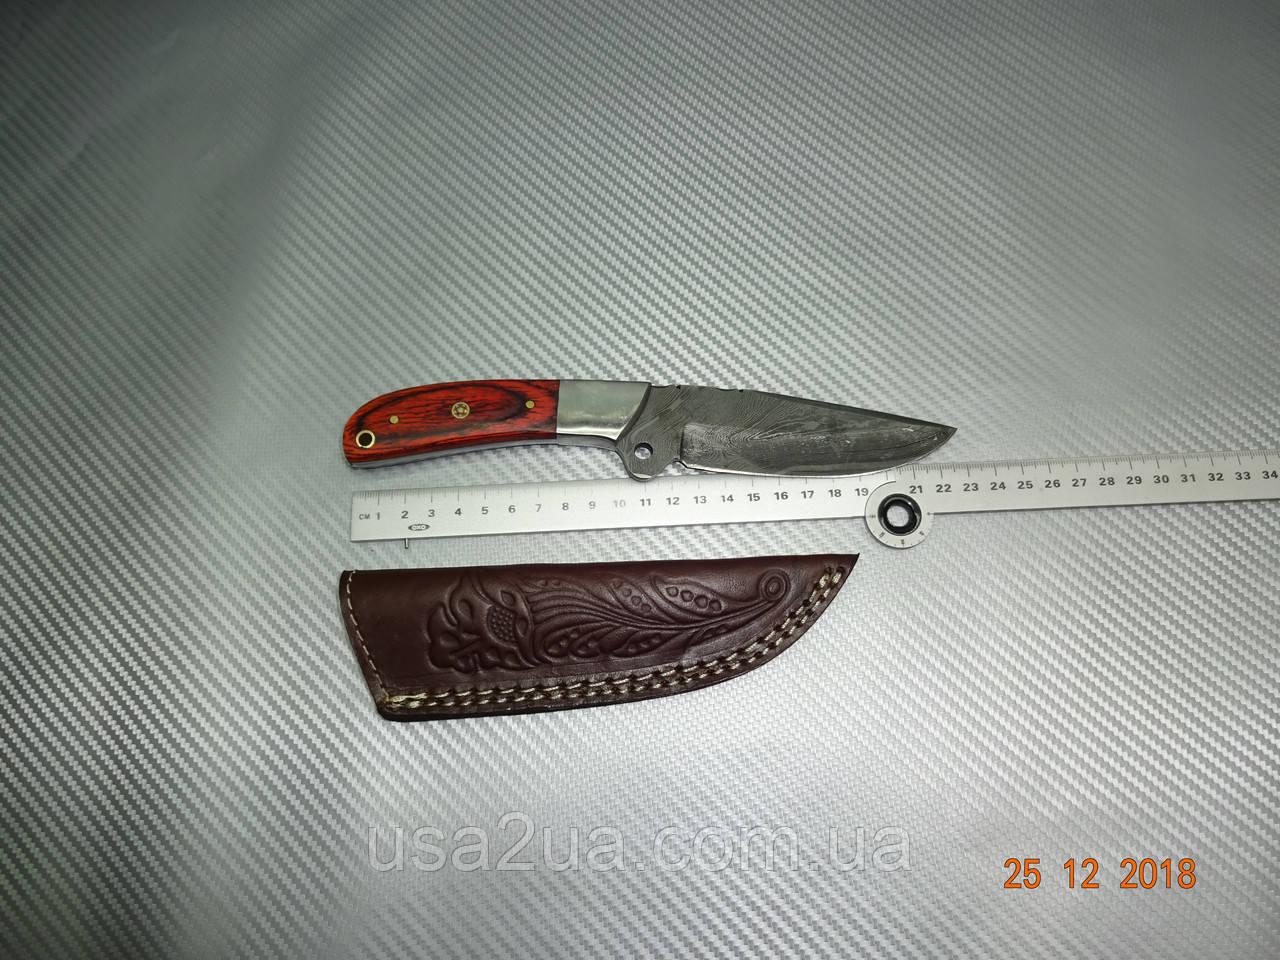 Нож ручная работа дамасская сталь ОХОТА РЫБАЛКА распродажа